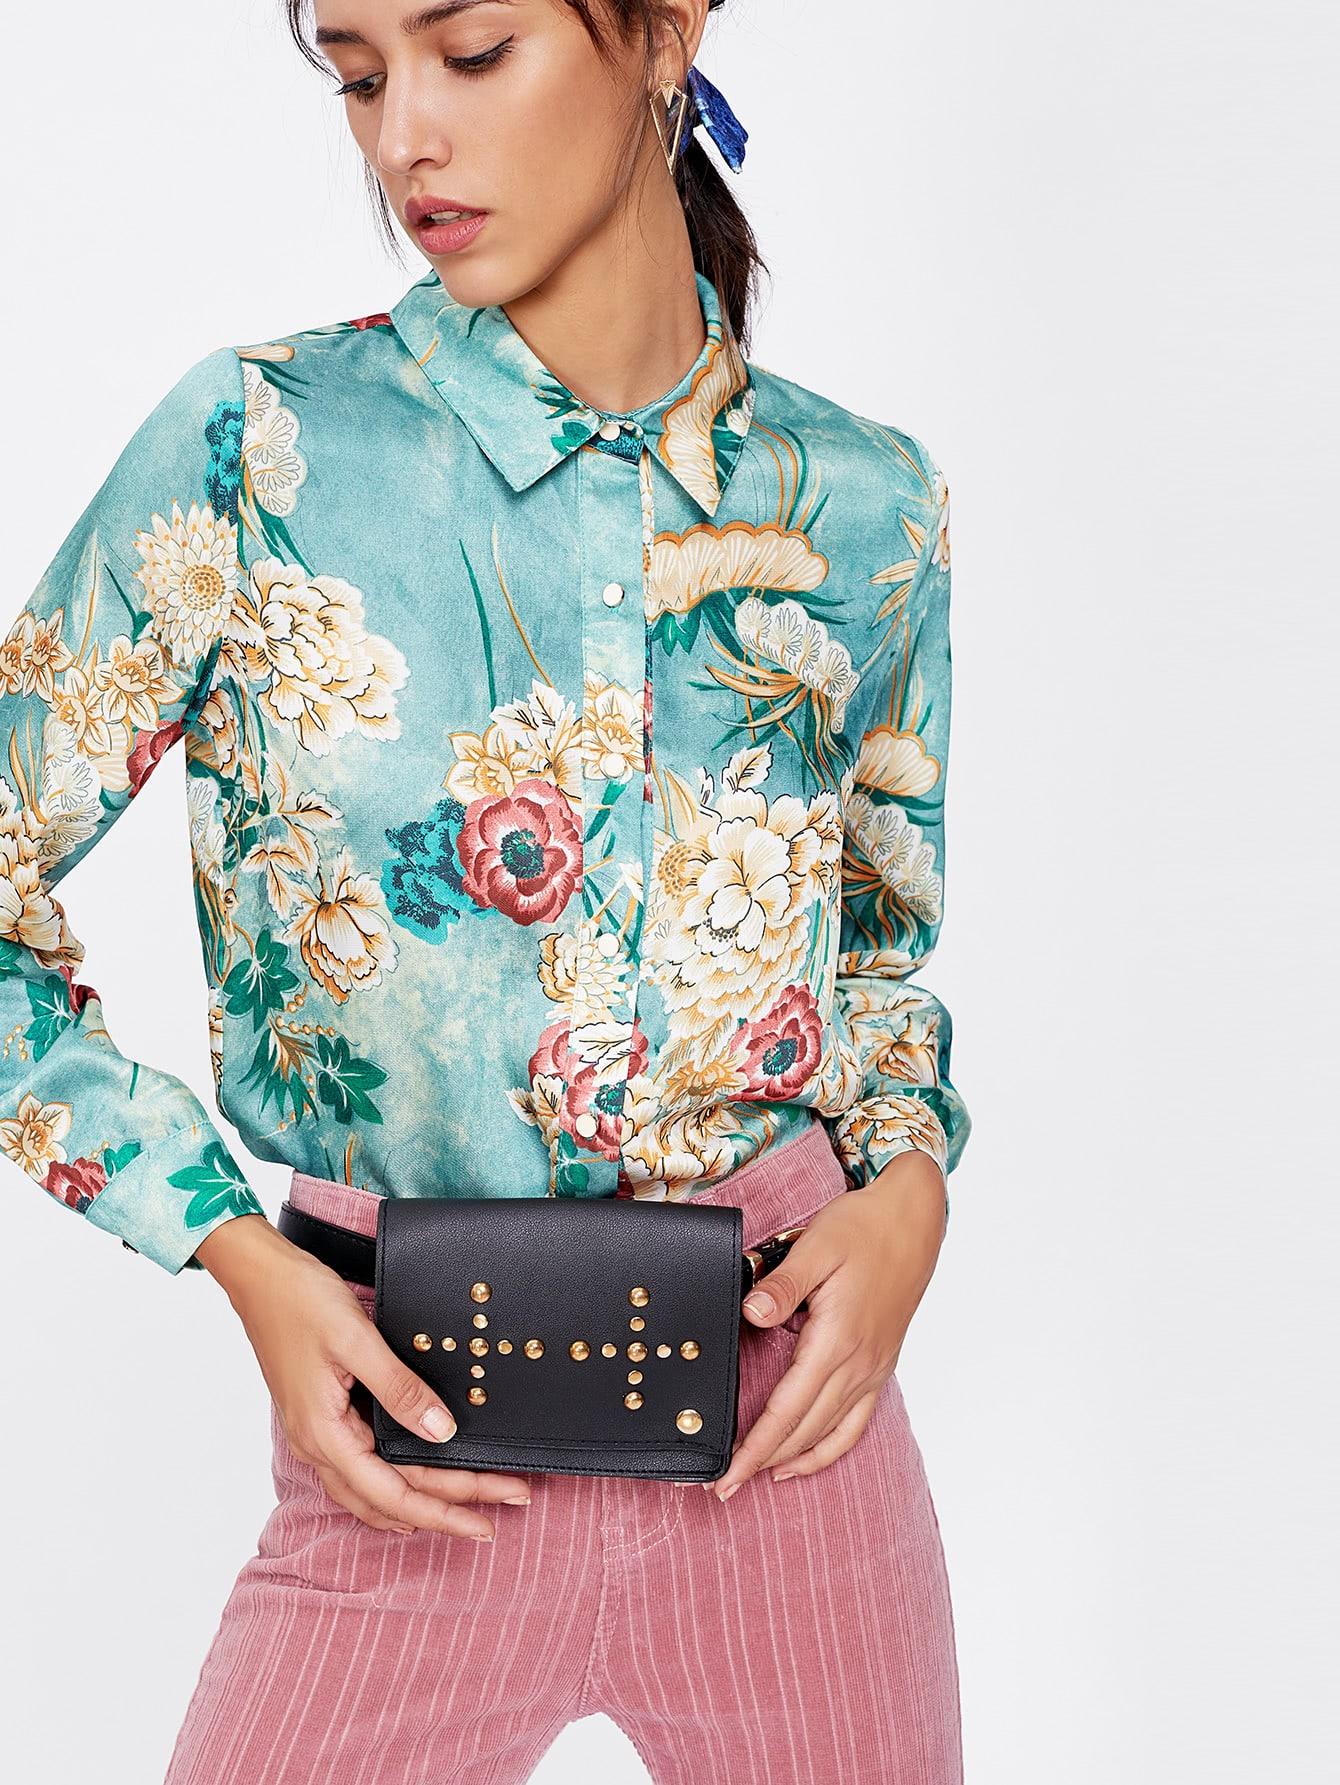 Купить Модный пояс и модная сумка с заклепками, null, SheIn